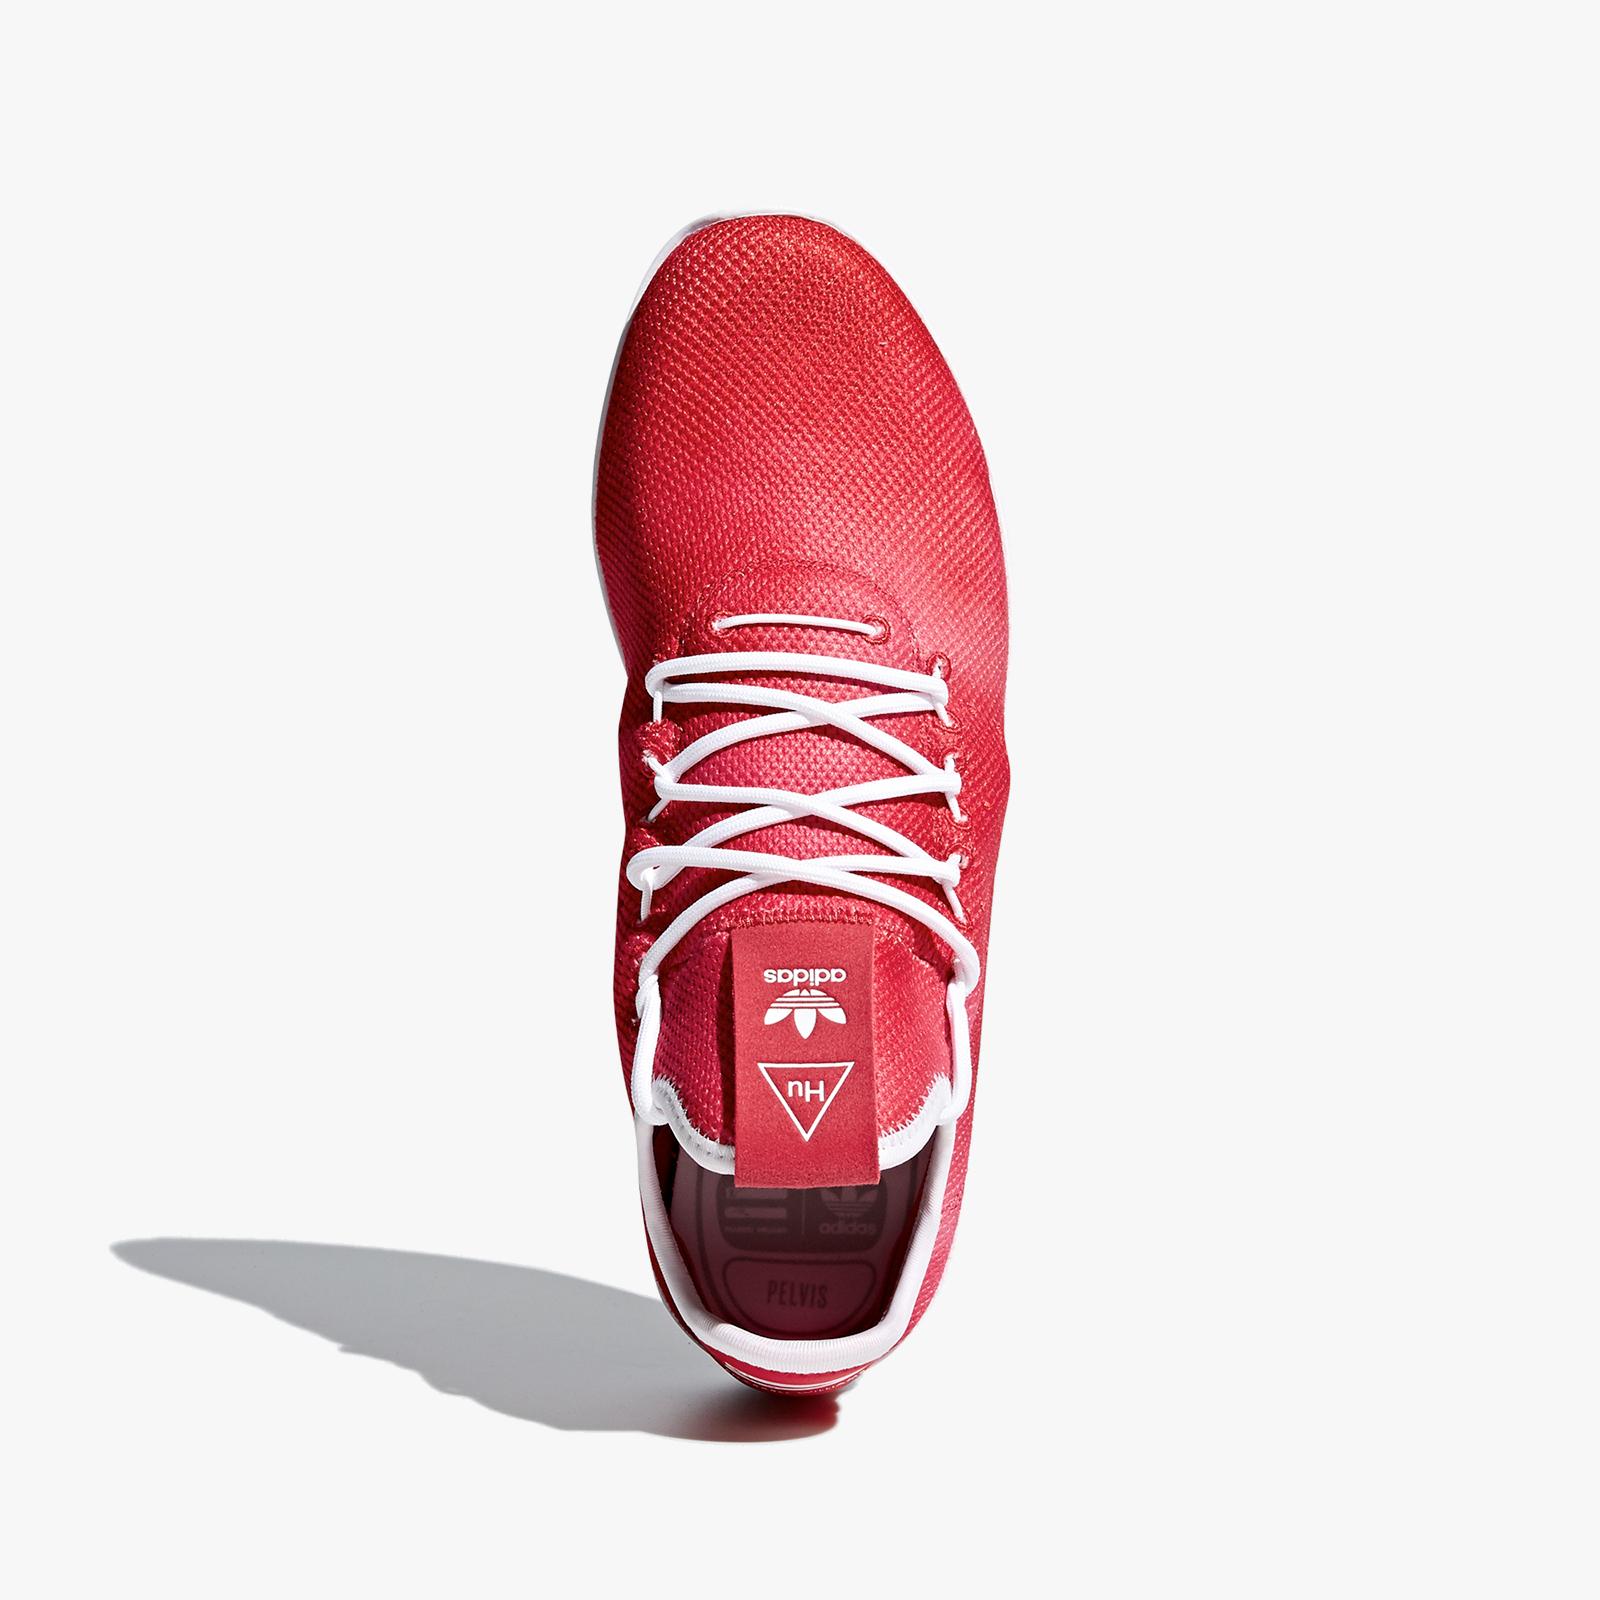 d67040c9f04db adidas PW HU HOLI Tennis - Da9615 - Sneakersnstuff